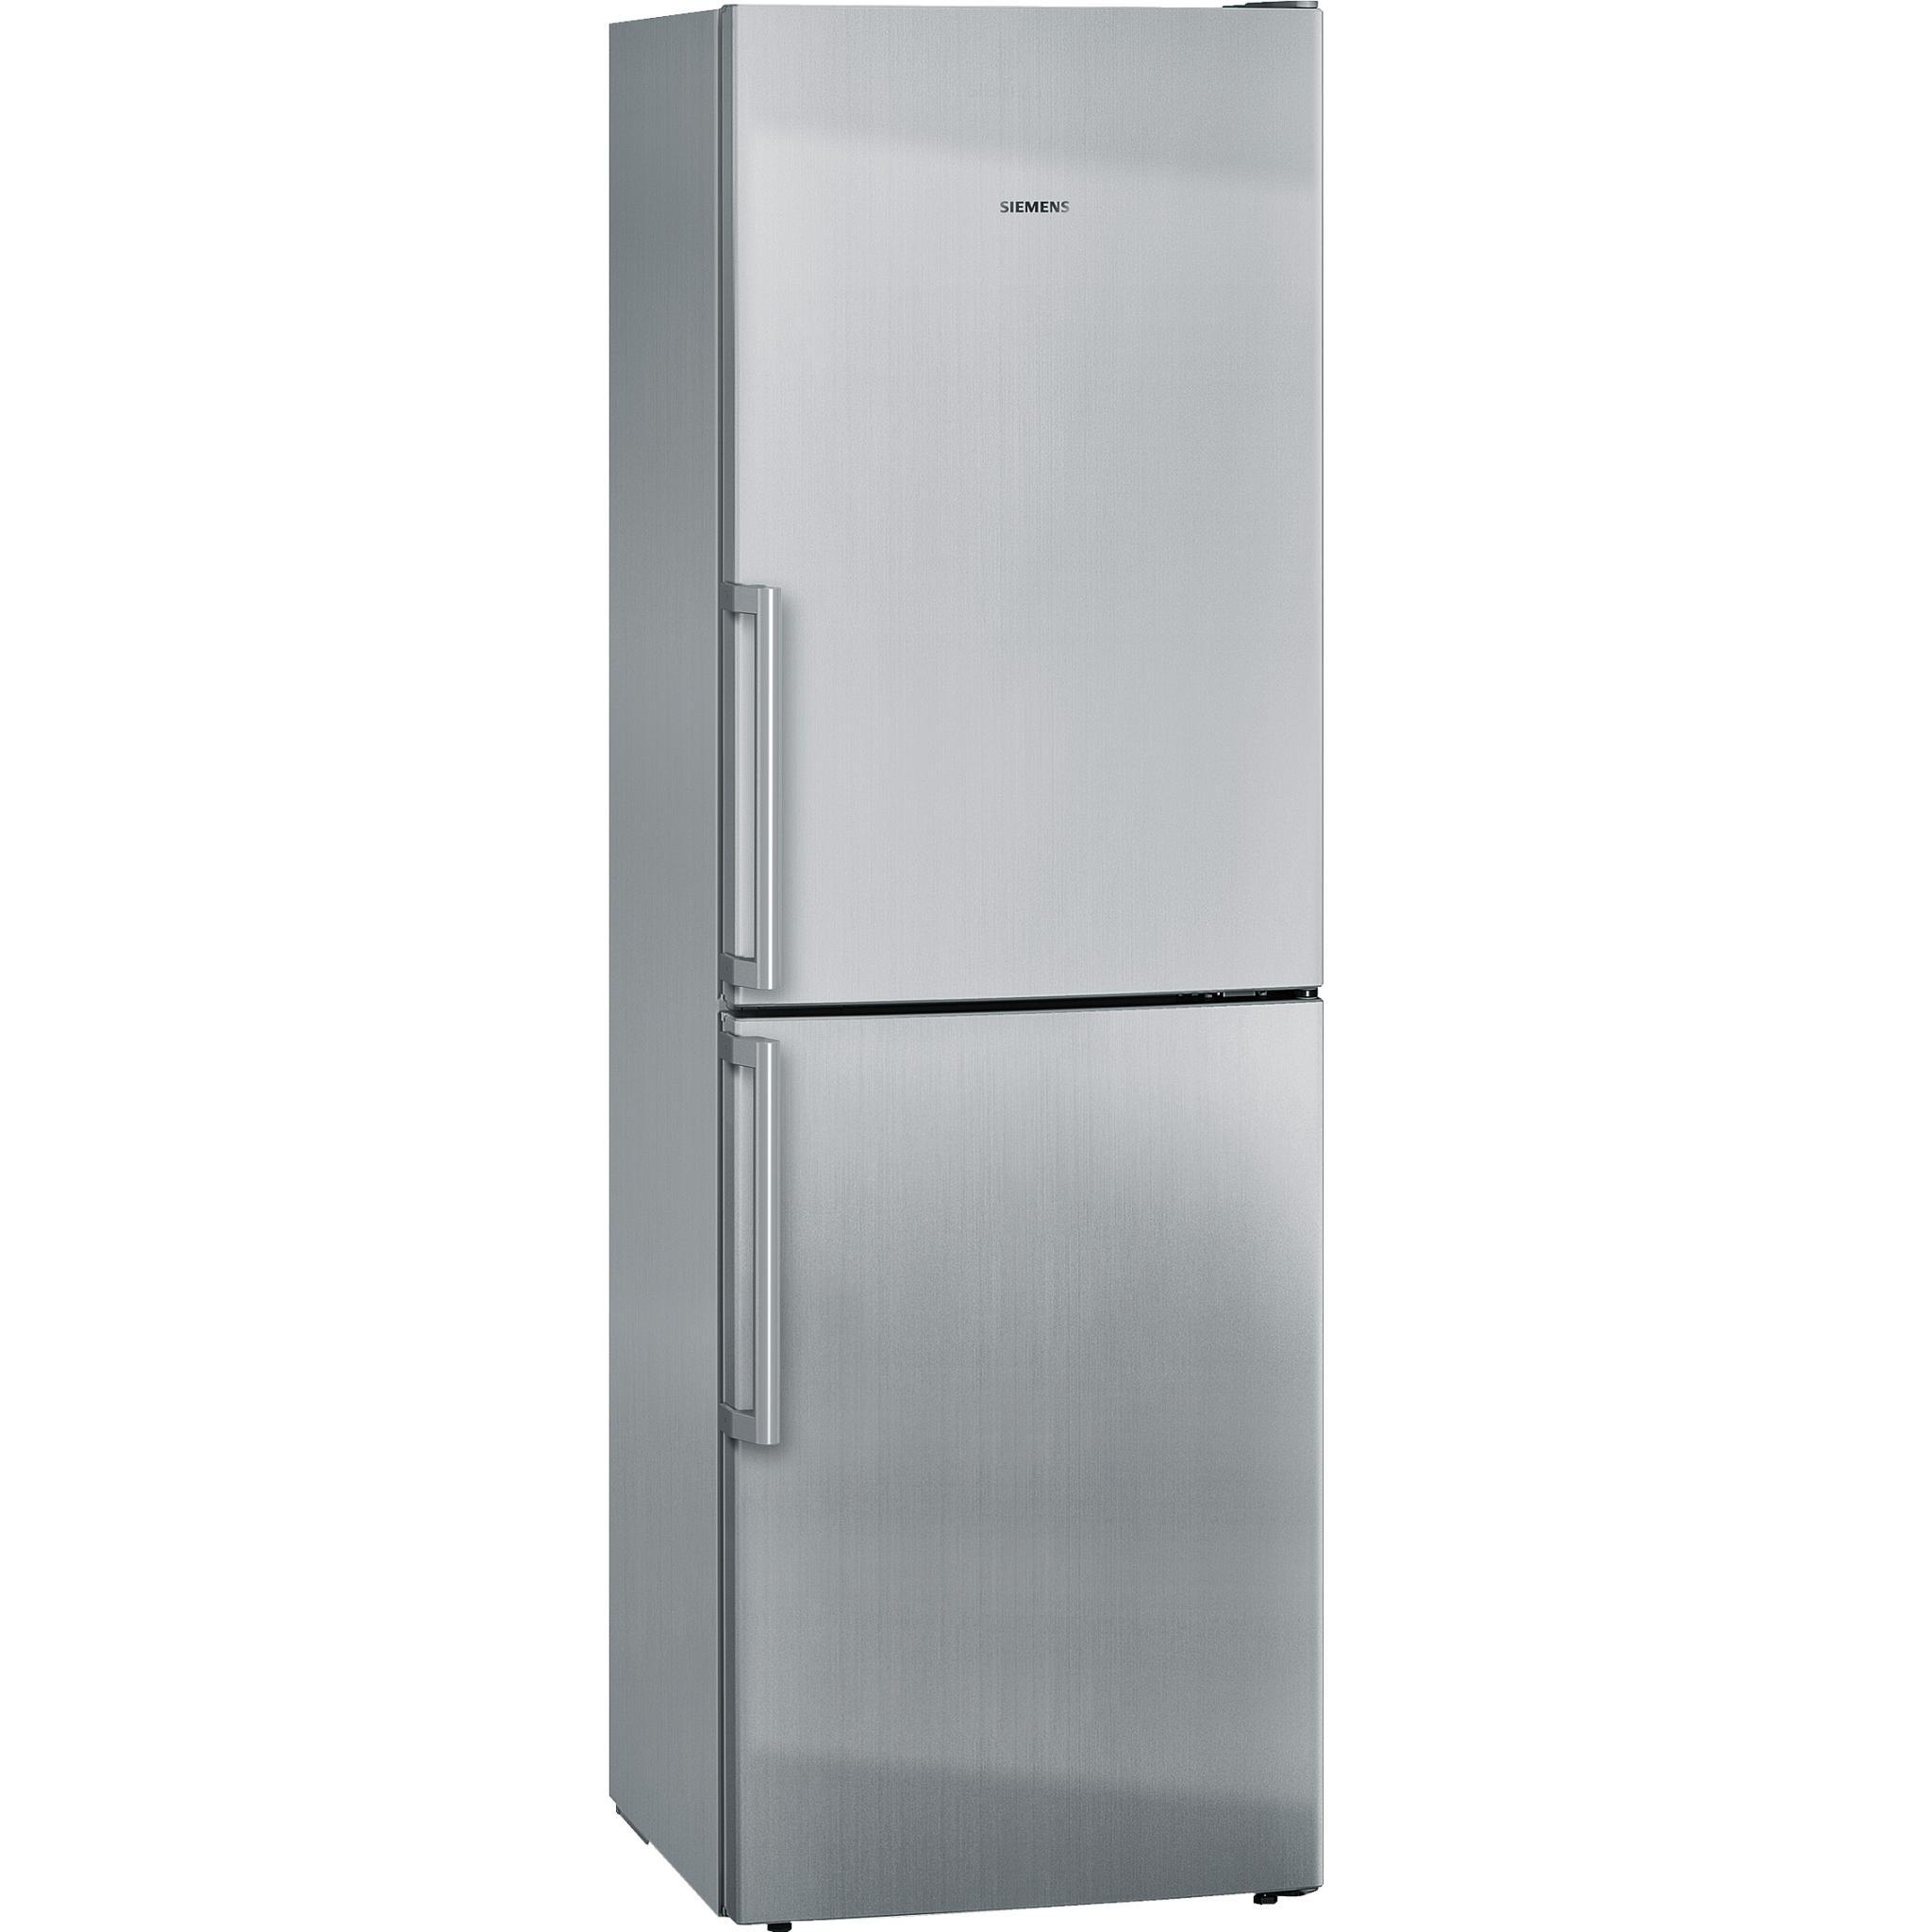 siemens-iq300-kg34nvi30g-nofrost-fridge-freezer